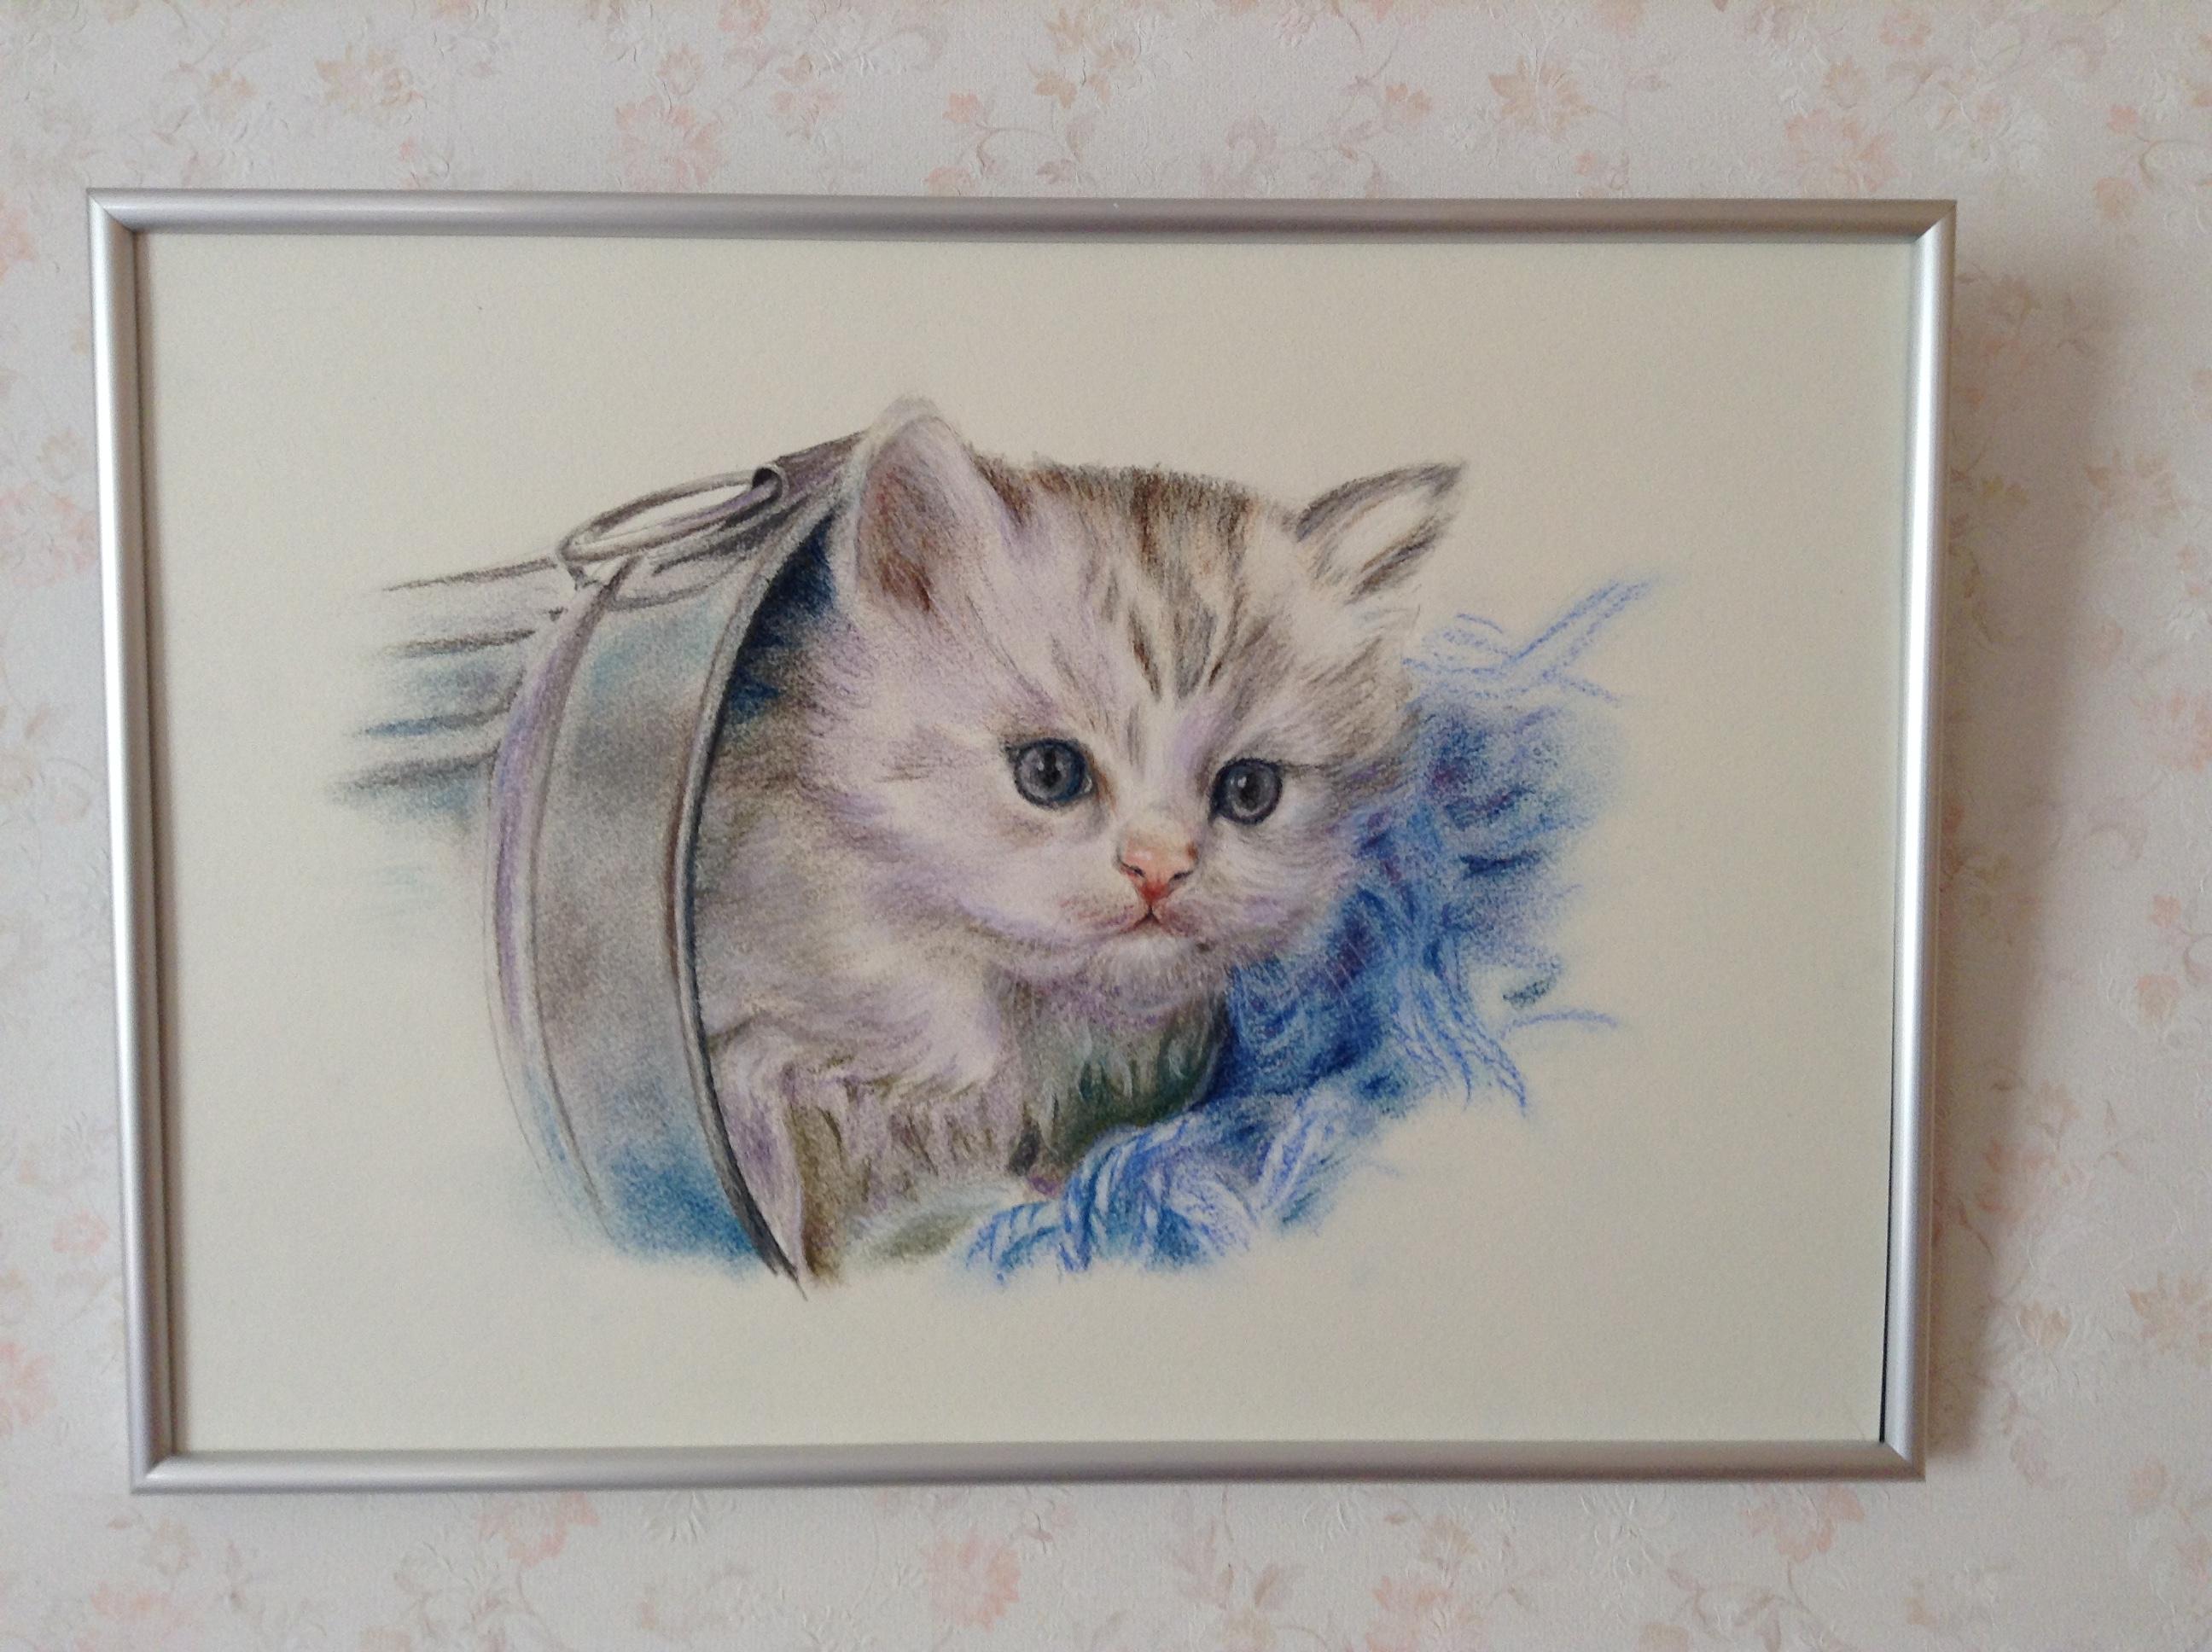 猫のパステル画(A3額入り原画)。コピーではありません。